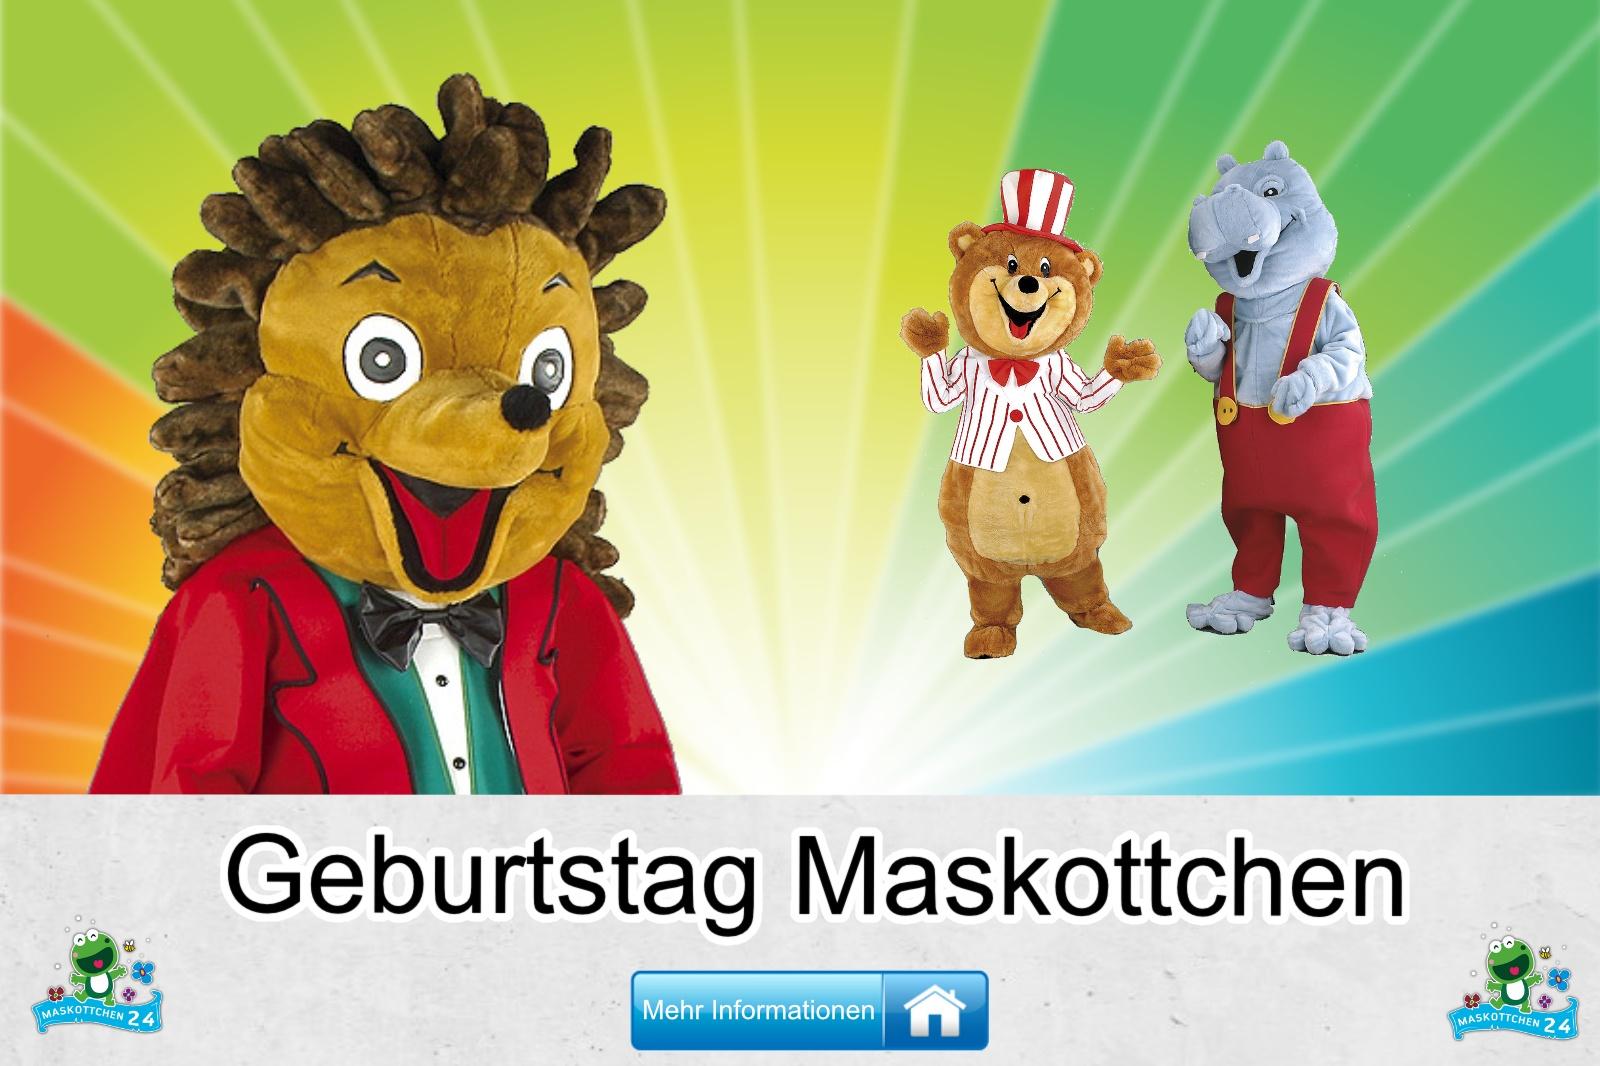 Geburtstag Maskottchen Kostüm kaufen, günstige Produktion / Herstellung.